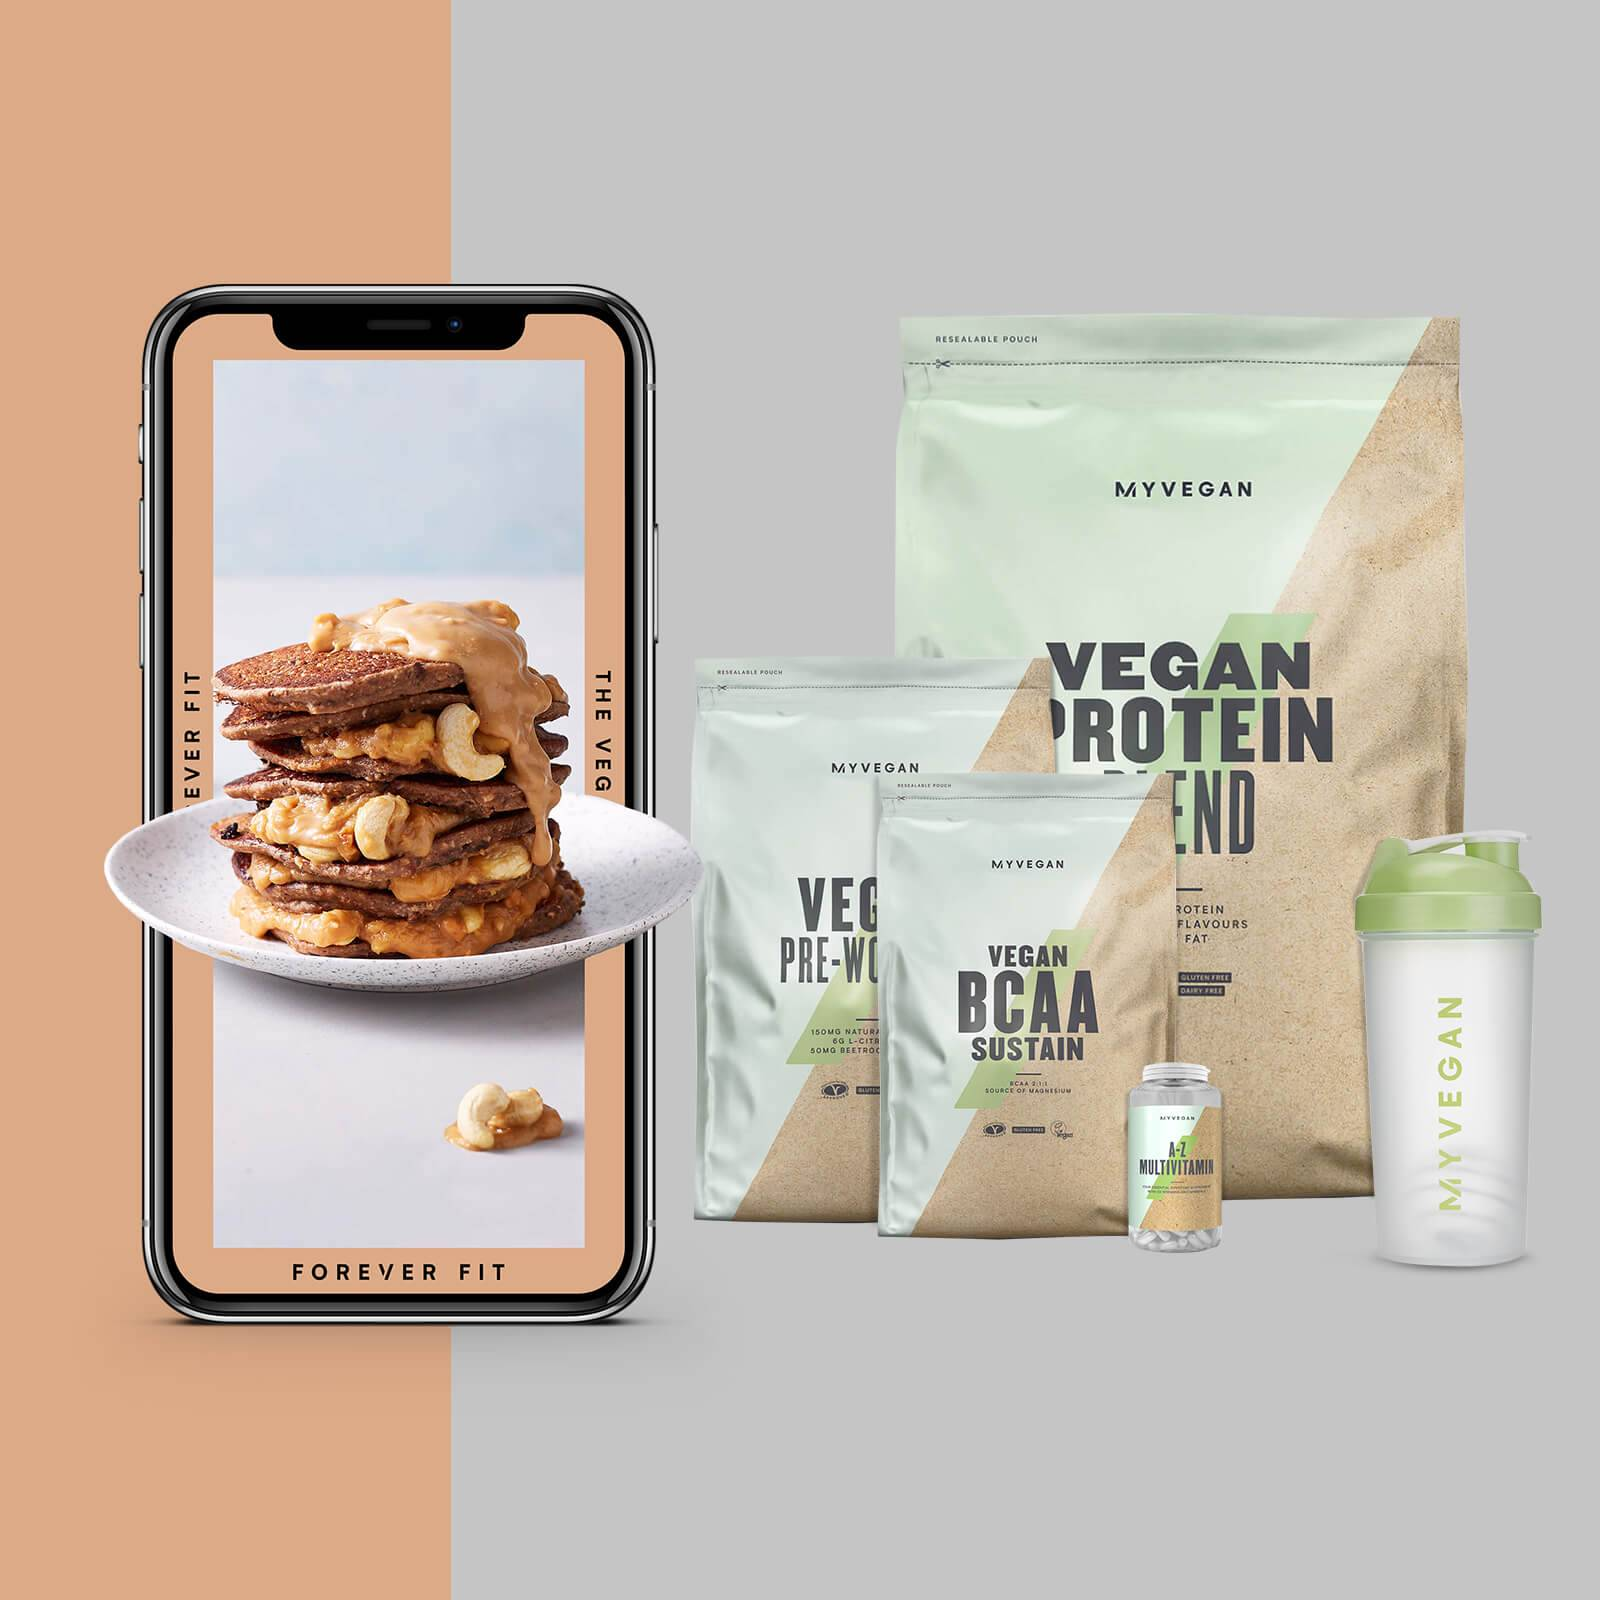 Le Pack Vegan + Guide Entraînement et Nutrition Offert - Raspberry Lemonade - Sour Apple - Turmeric Latte